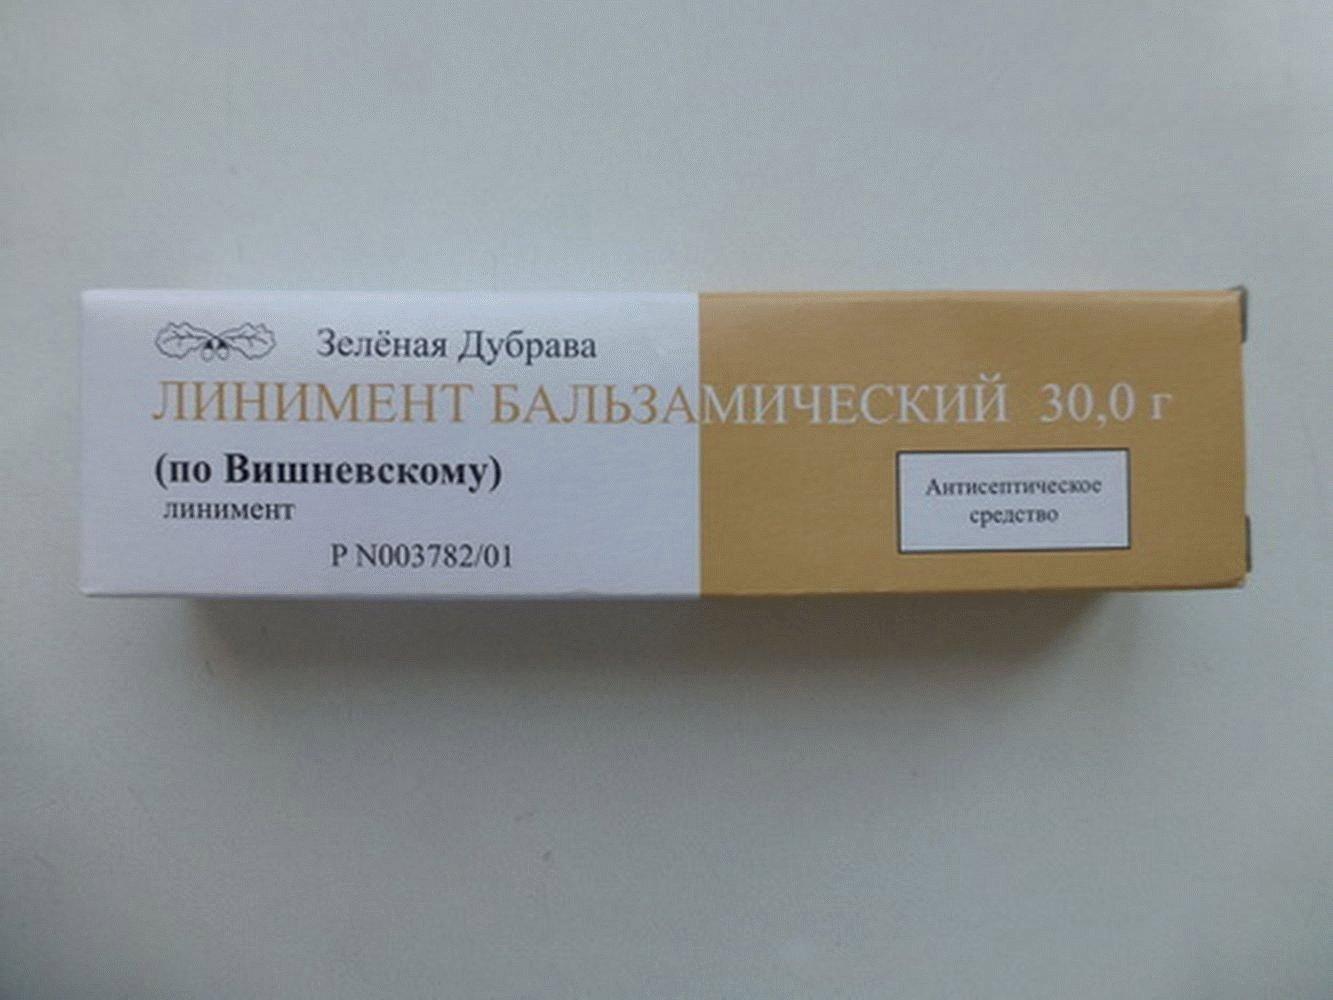 Мазь Вишневского при геморрое: отзывы, как применять, лечение при беременности